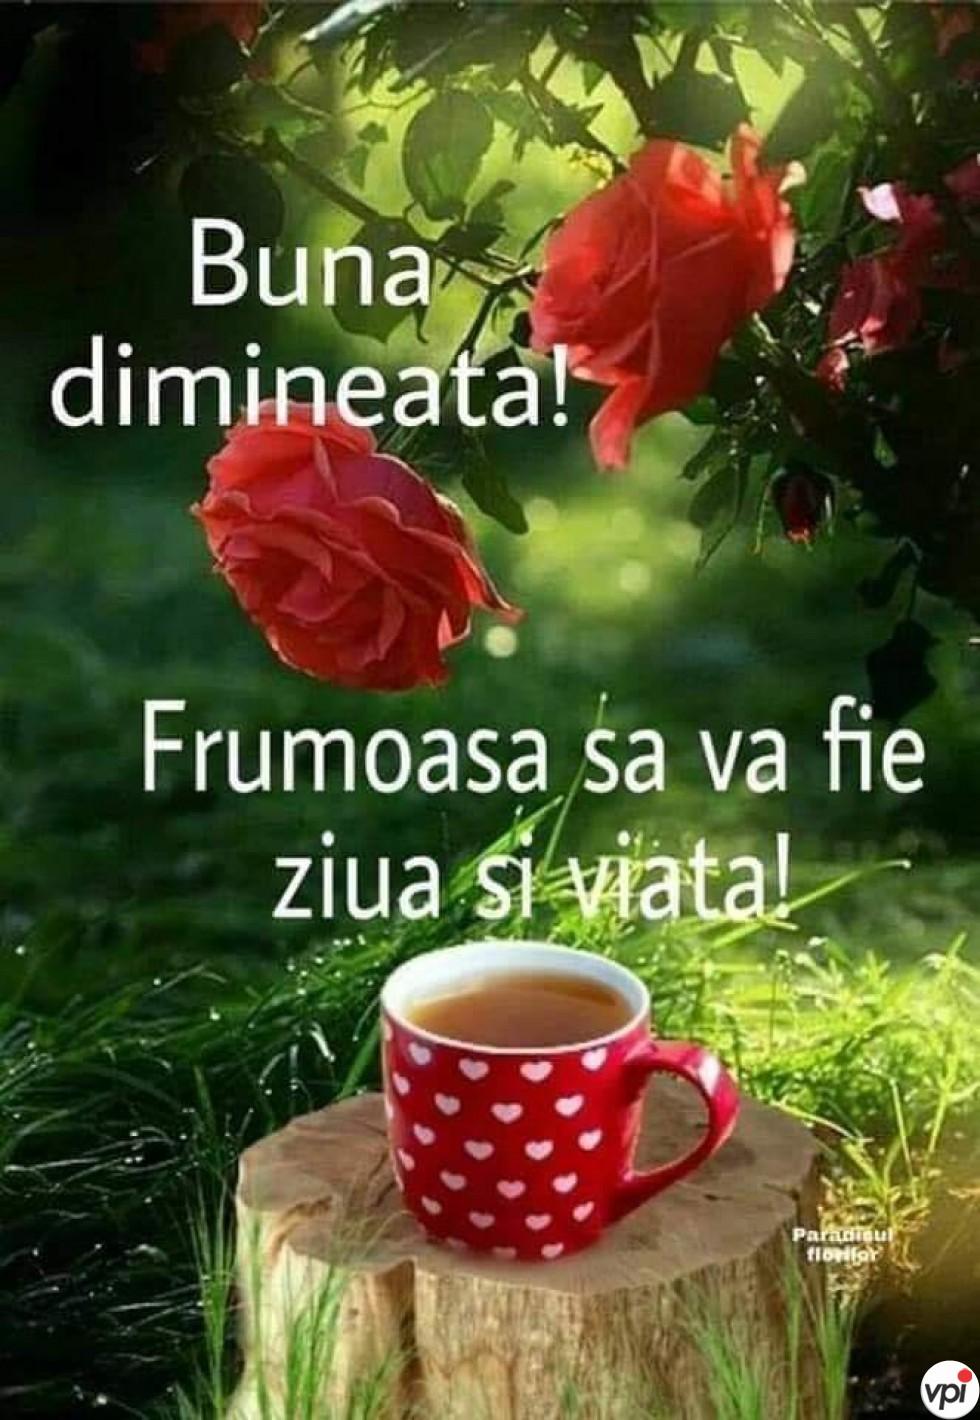 Bună dimineața! O zi frumoasă!